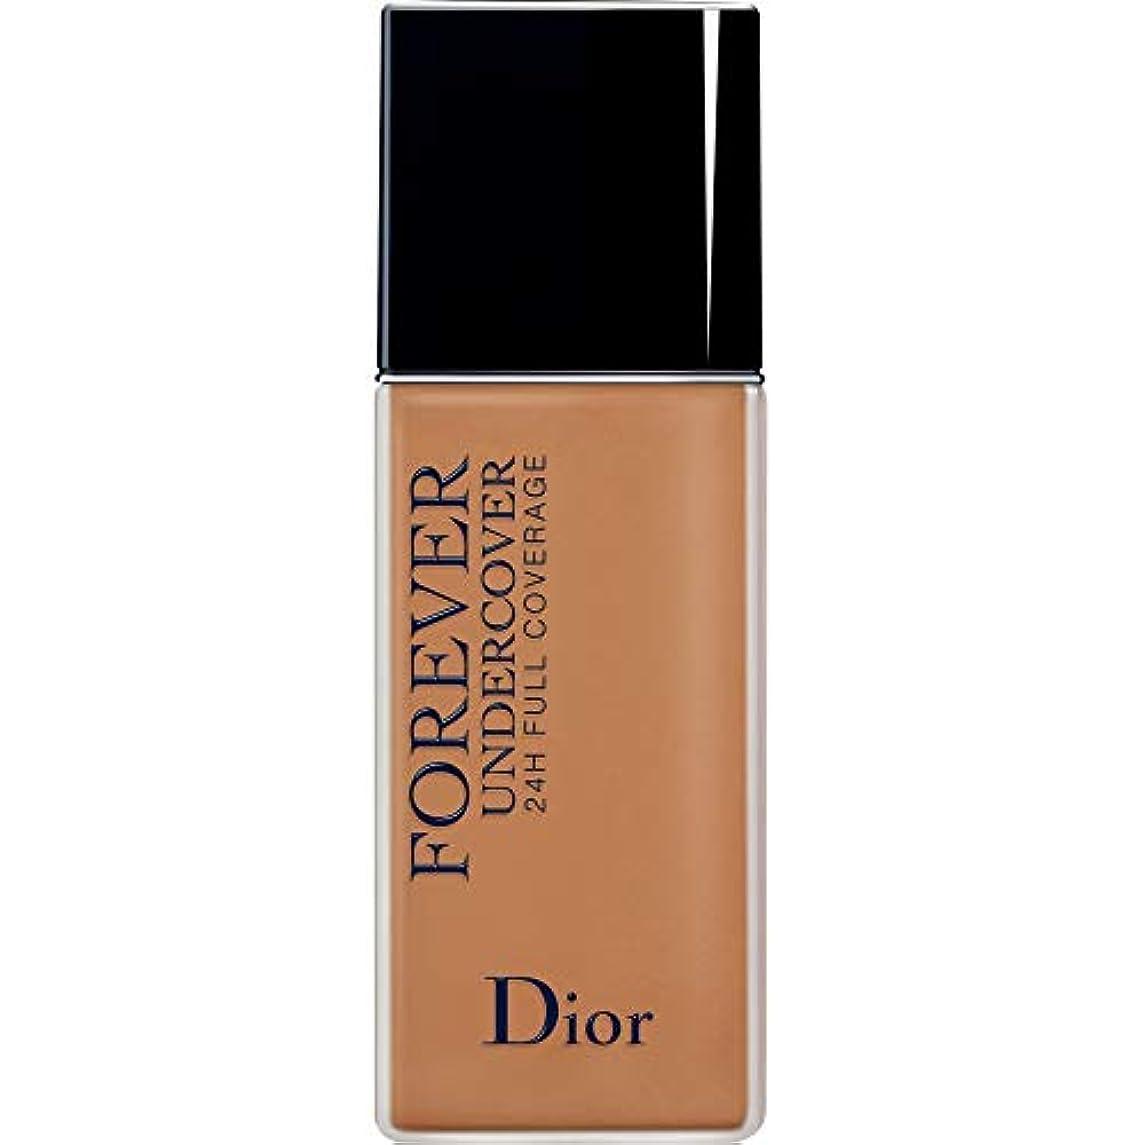 くジョガー支援[Dior ] ディオールディオールスキン永遠アンダーカバーフルカバーの基礎40ミリリットル051 - プラリネ - DIOR Diorskin Forever Undercover Full Coverage Foundation...